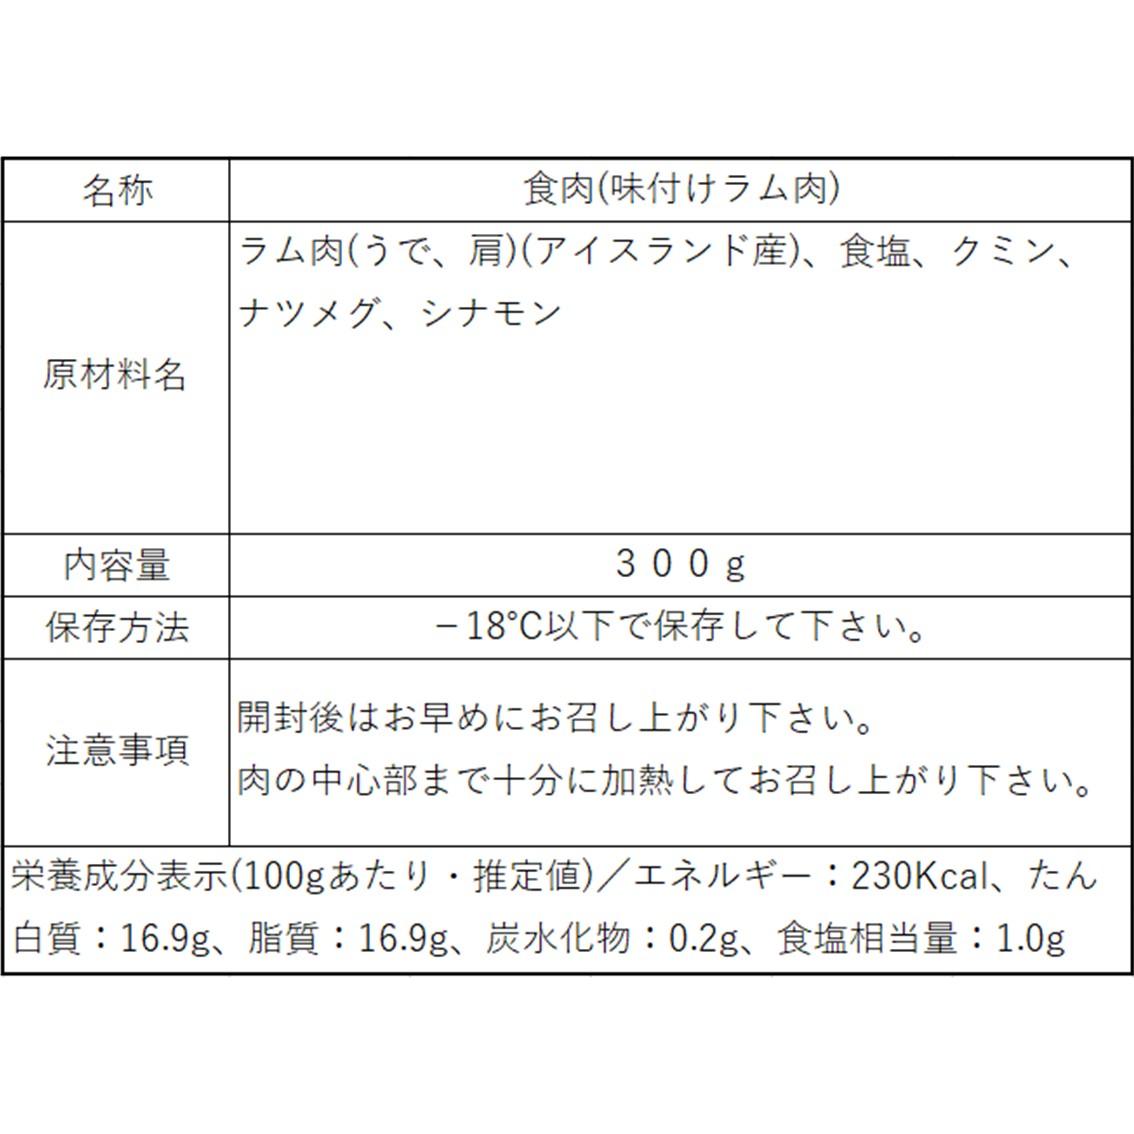 【送料無料】ラムハンバーグの素(ラム粗挽きミンチ) LUXE BURGER監修スパイス配合【アイスランドラム】900g(300g×3パック)